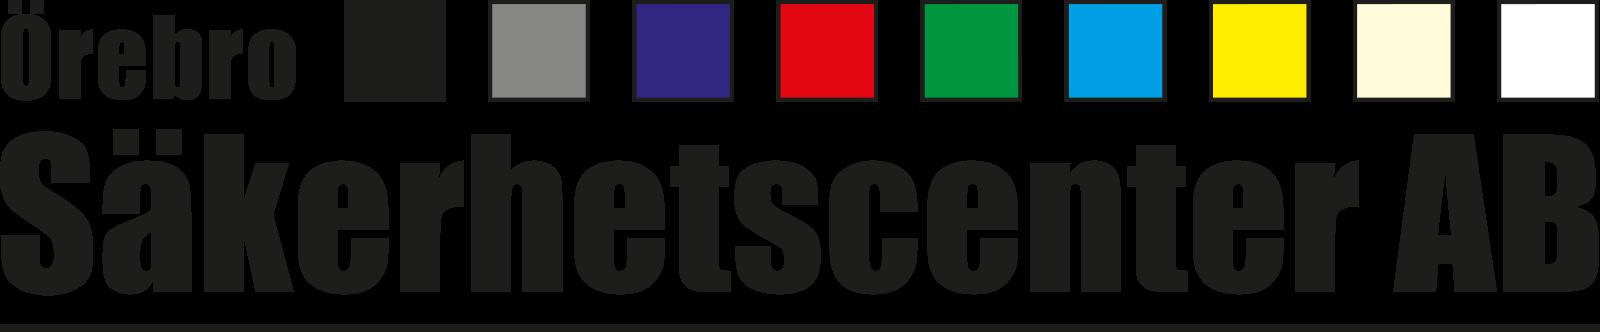 Logo - Örebro Säkerhetscenter